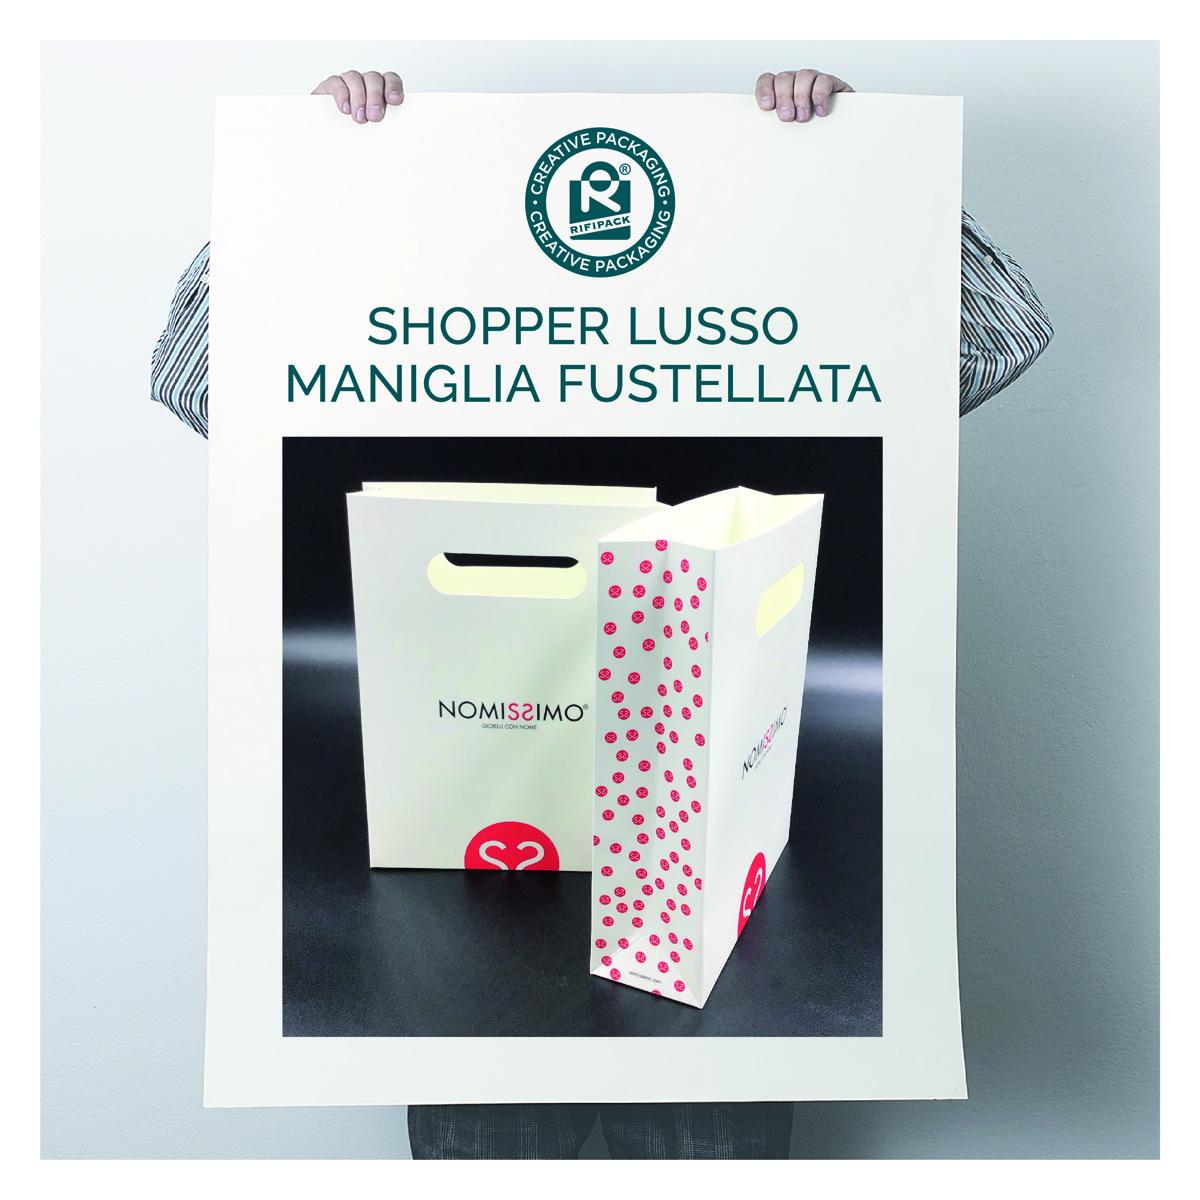 rifipack-shopper-modello-lusso-maniglia-fustellata-personalizzata-1